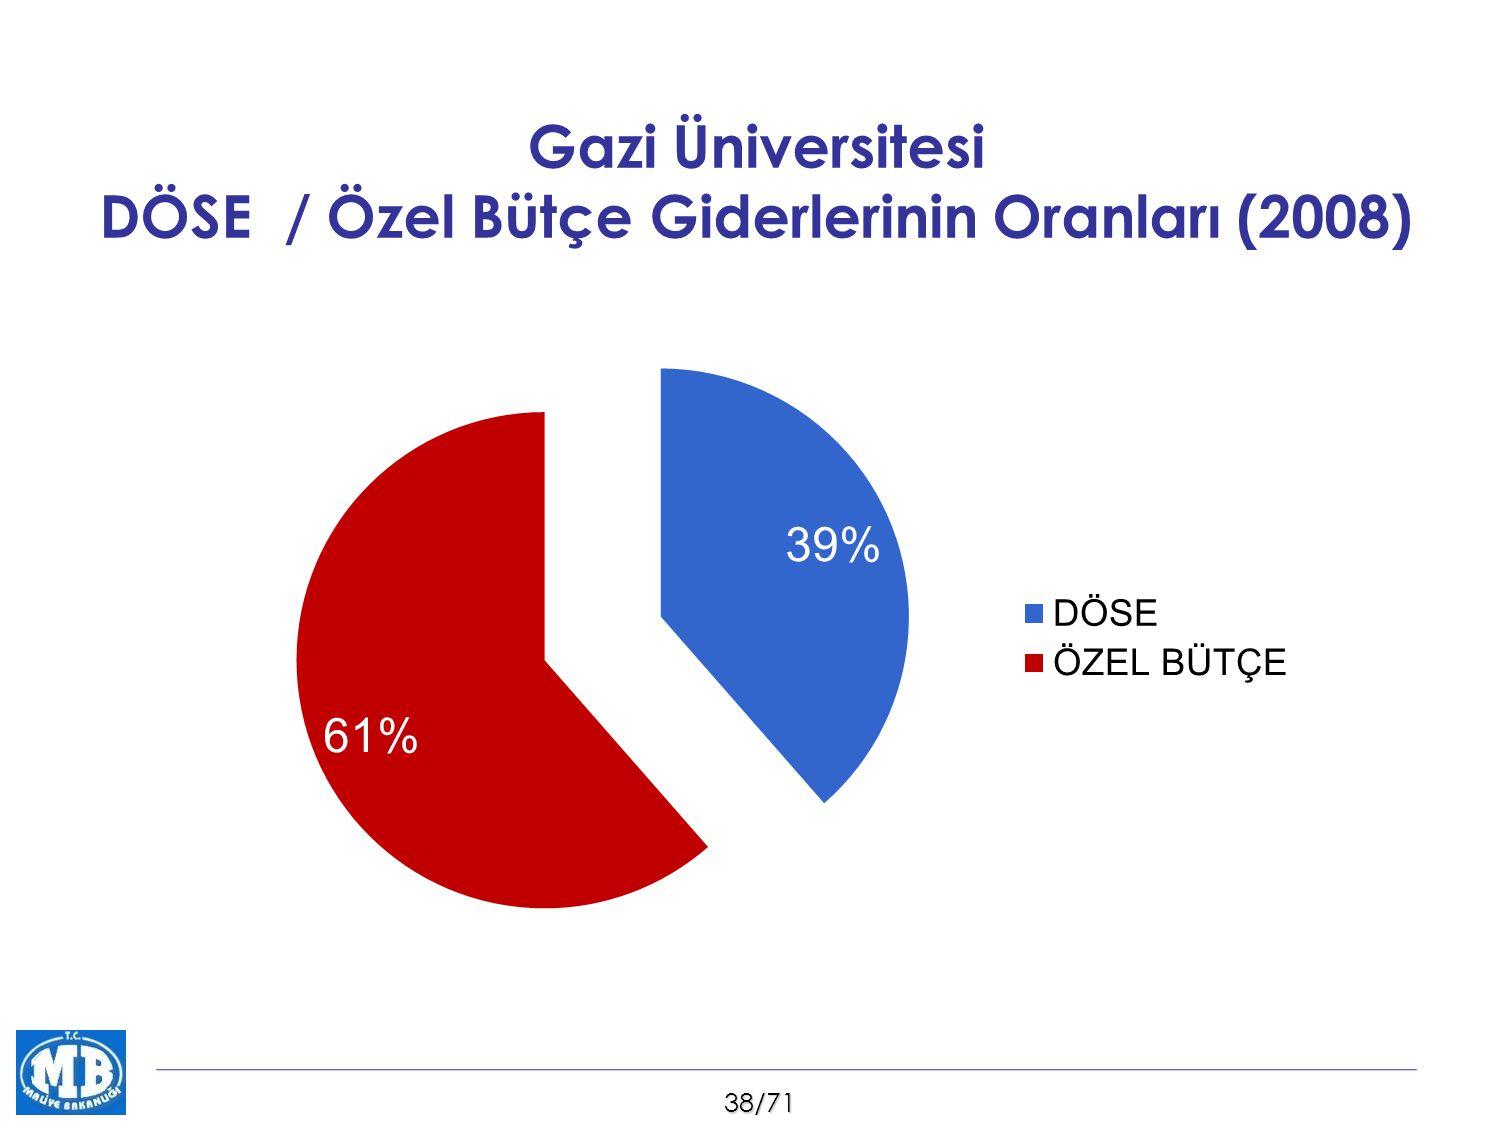 38/71 Gazi Üniversitesi DÖSE / Özel Bütçe Giderlerinin Oranları (2008)